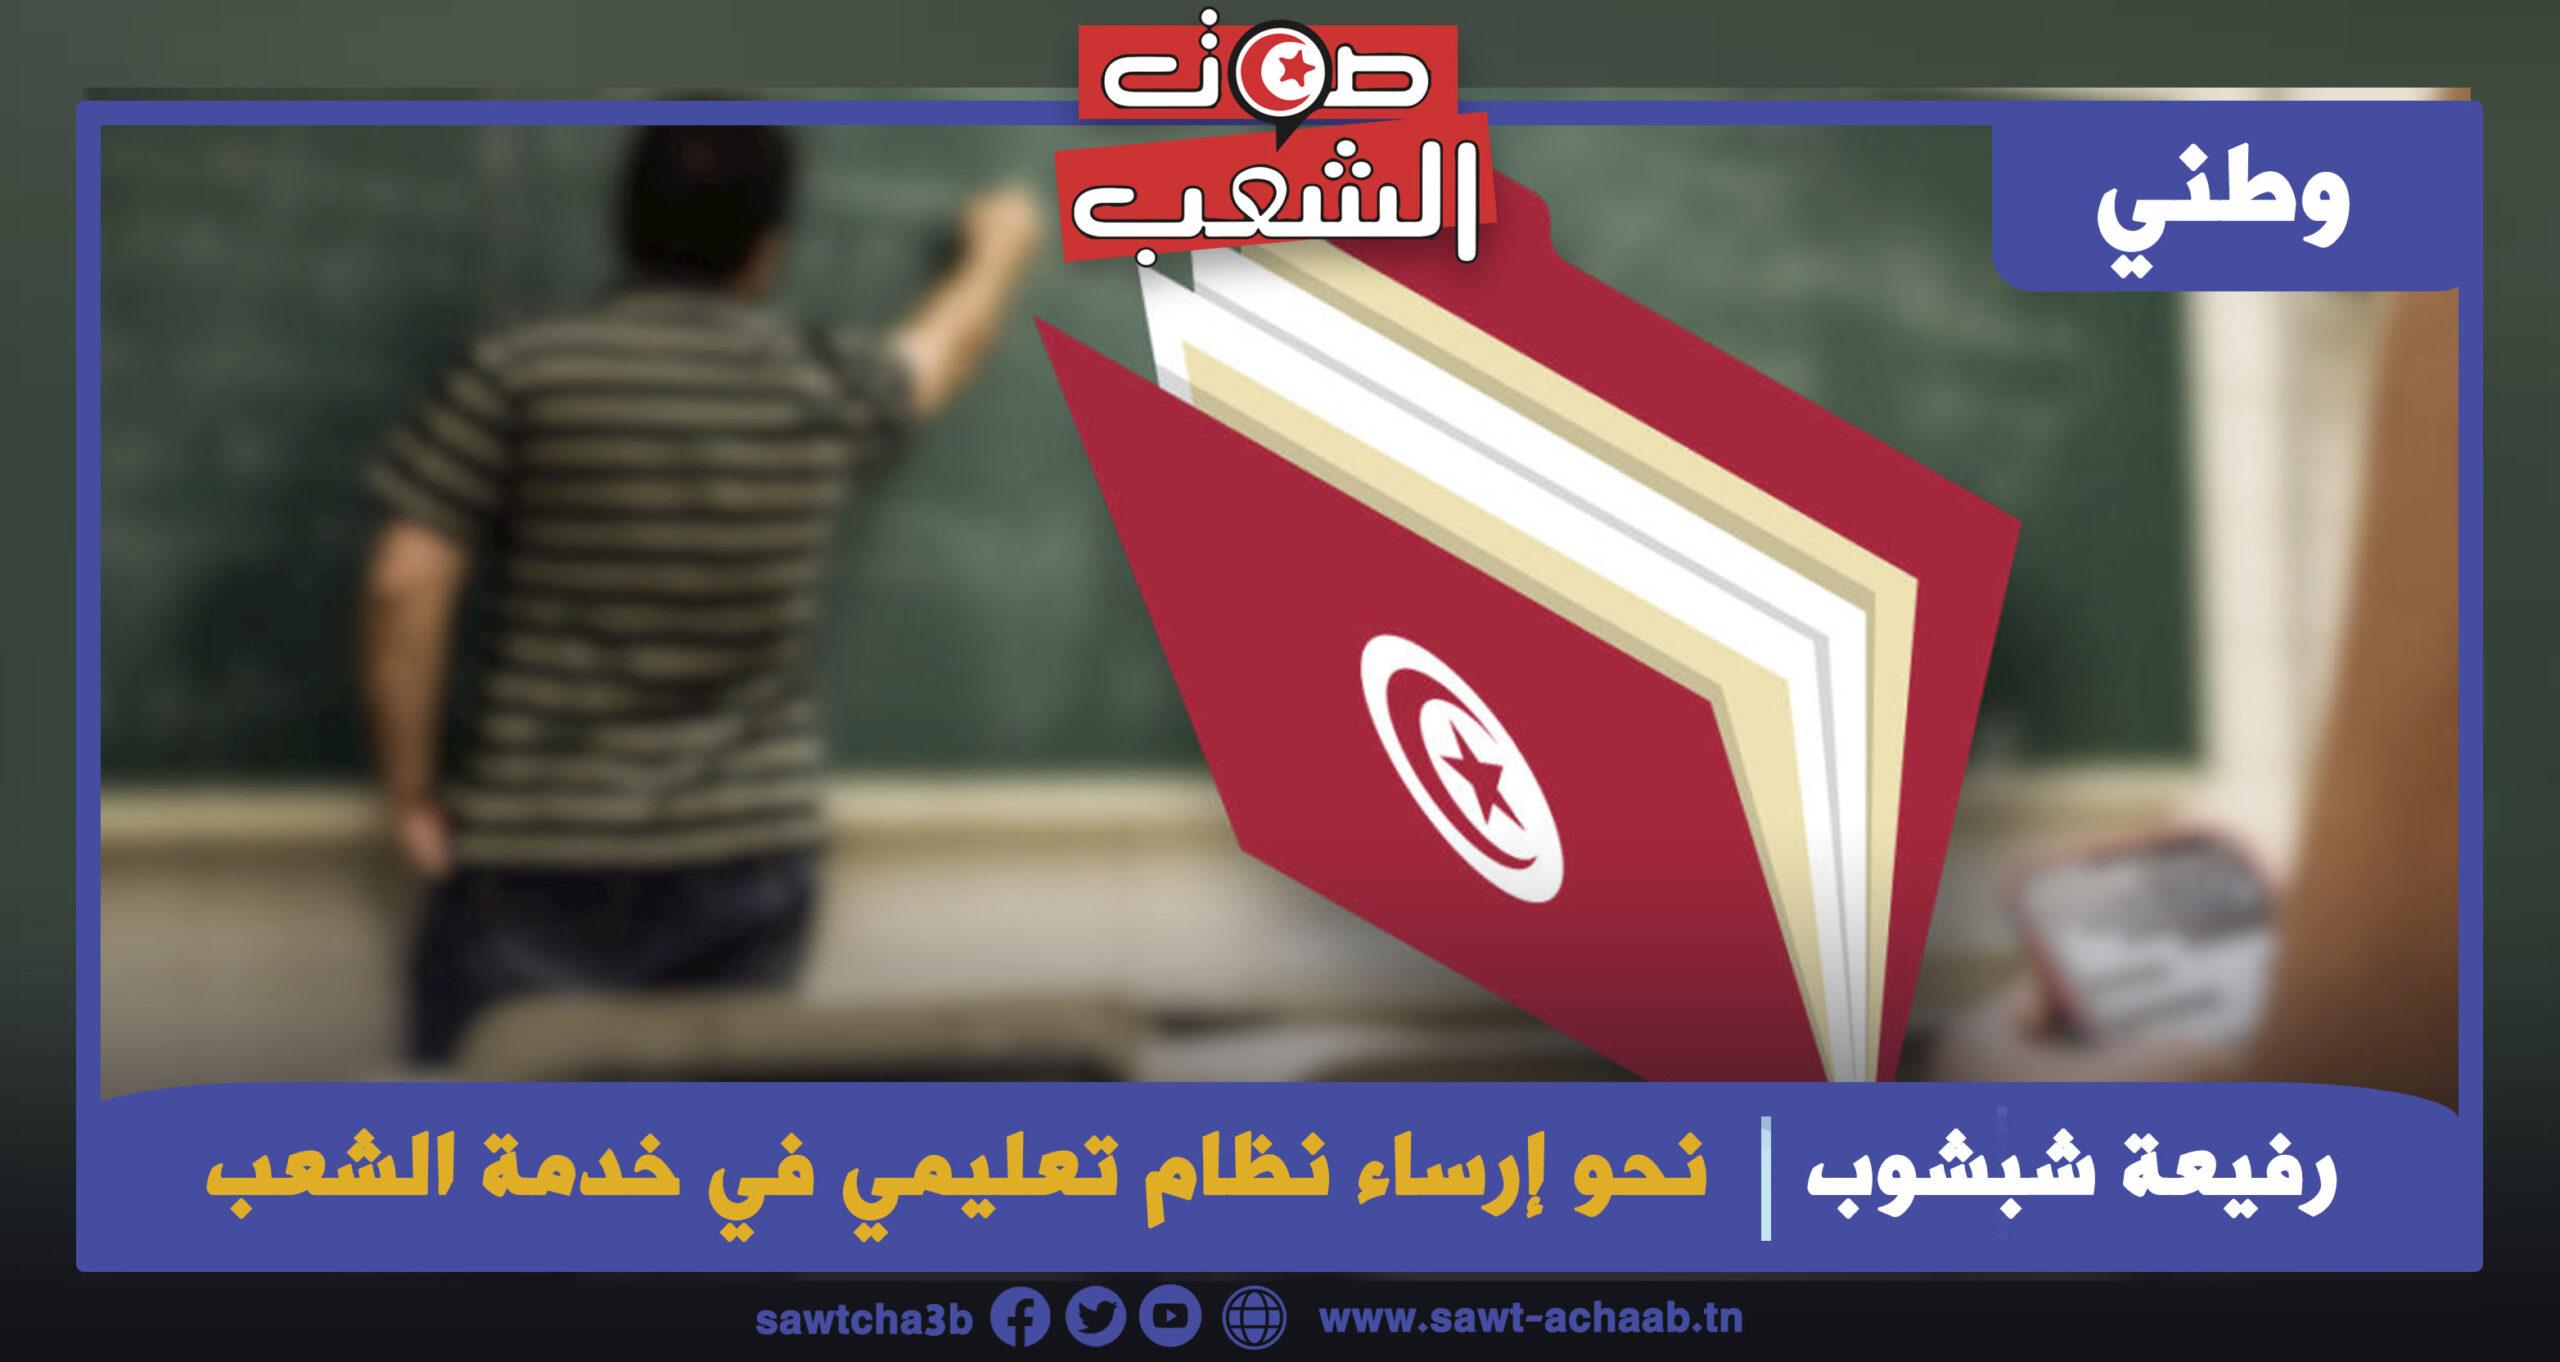 نحو إرساء نظام تعليمي في خدمة الشعب